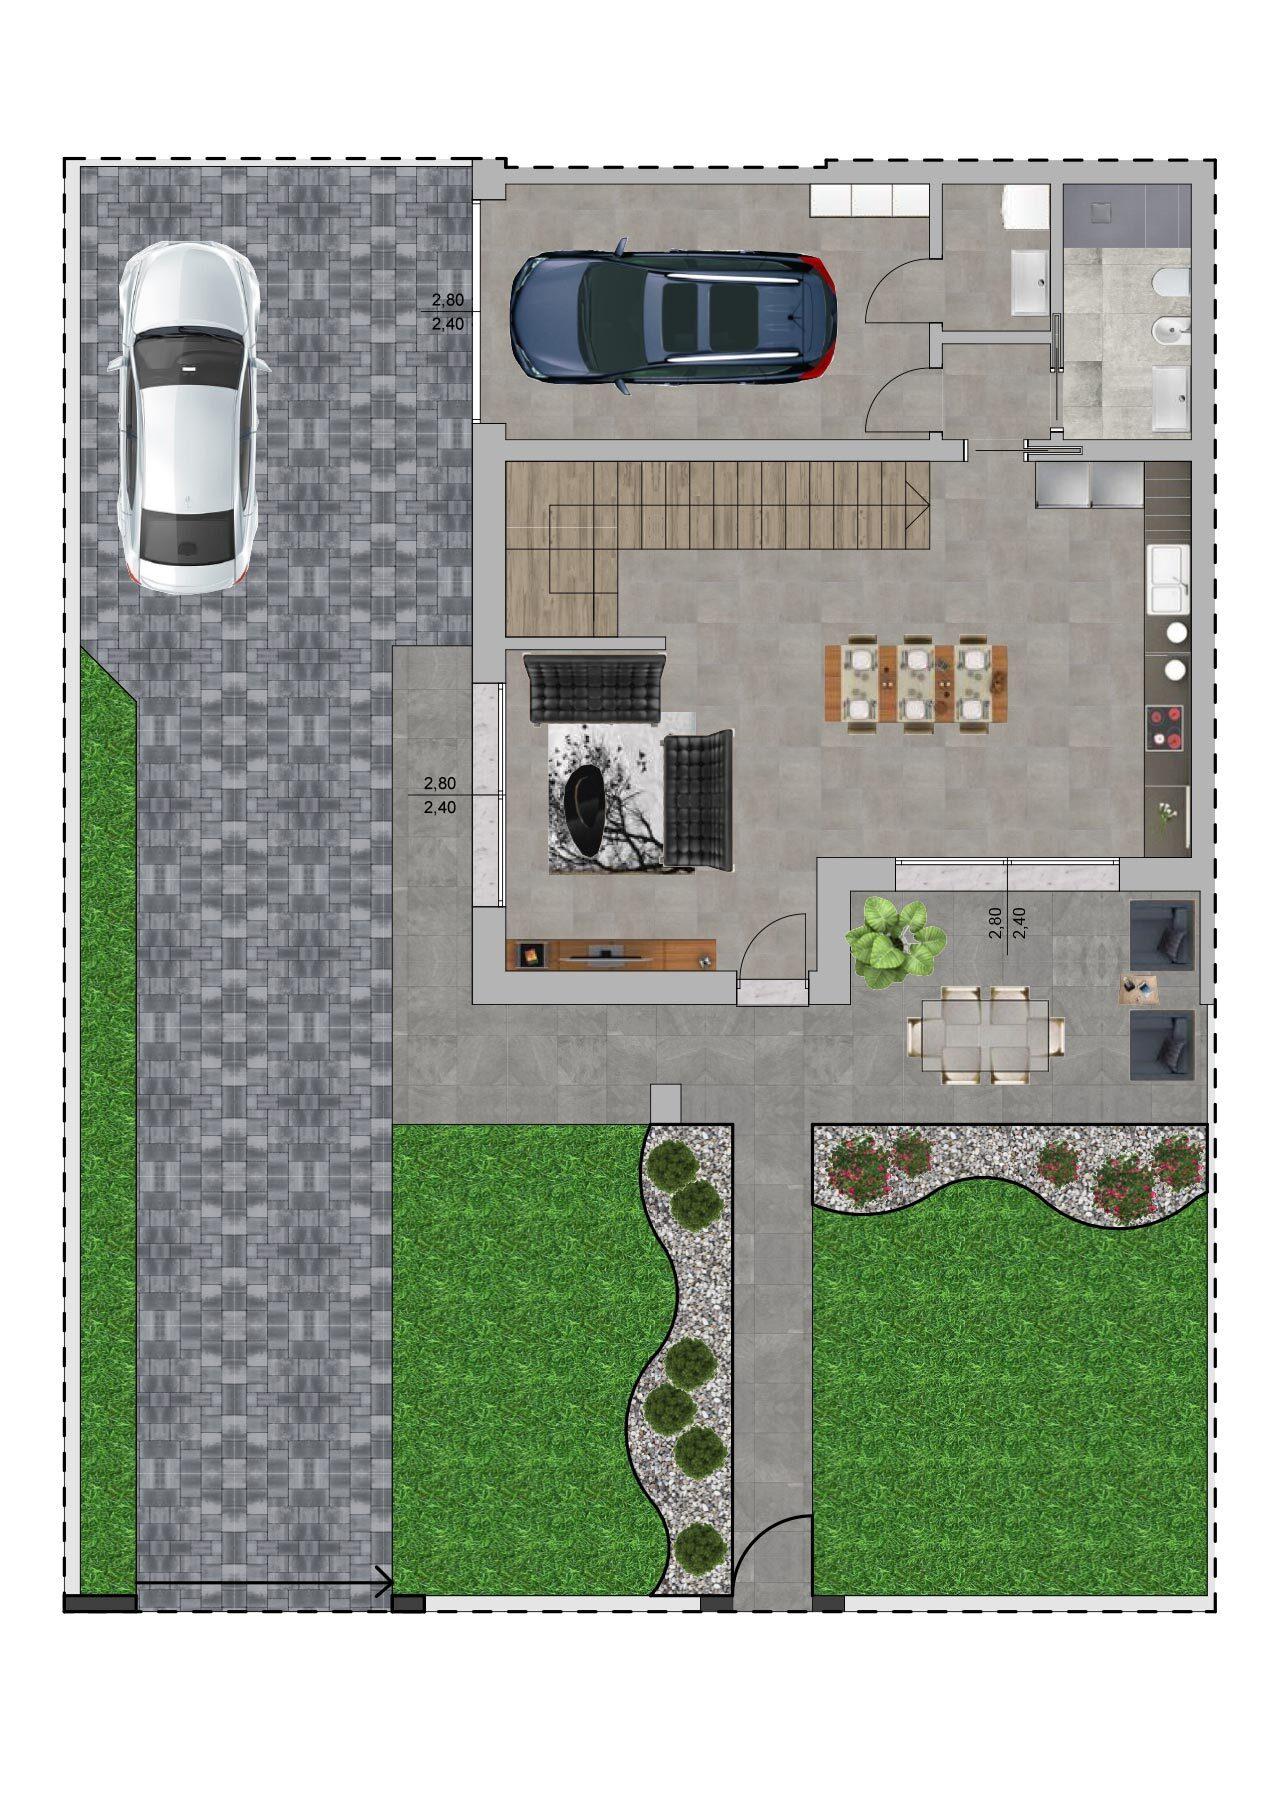 Planimetria nuova costruzione Massanzago Padova porzione 1 piano terra, Fam Real Estate